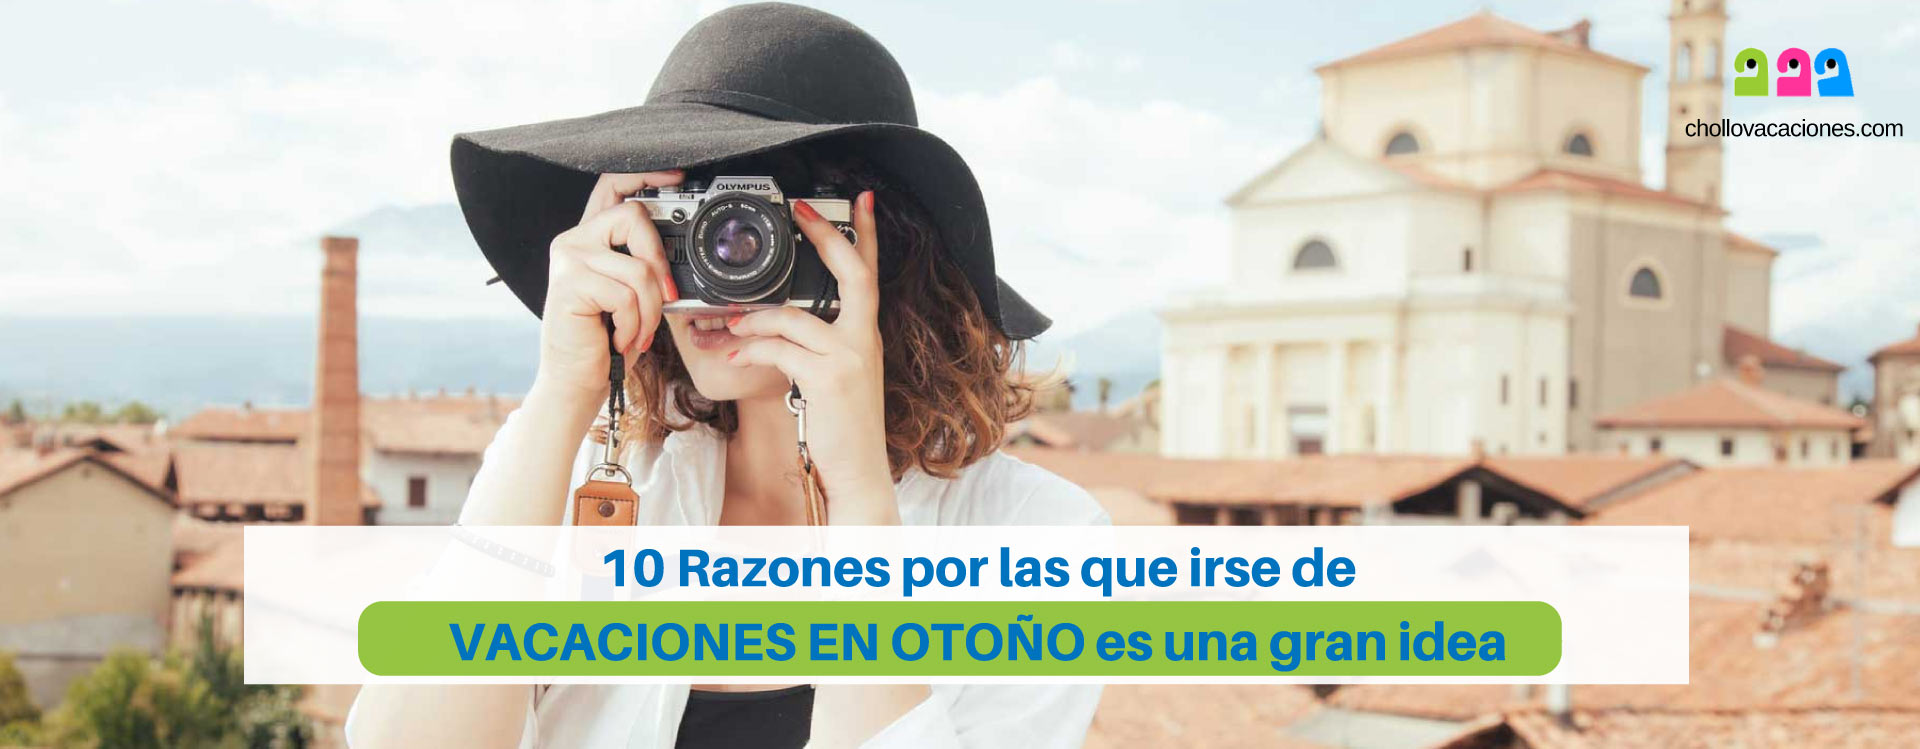 10 Razones por las que irse de vacaciones en Otoño es una gran idea